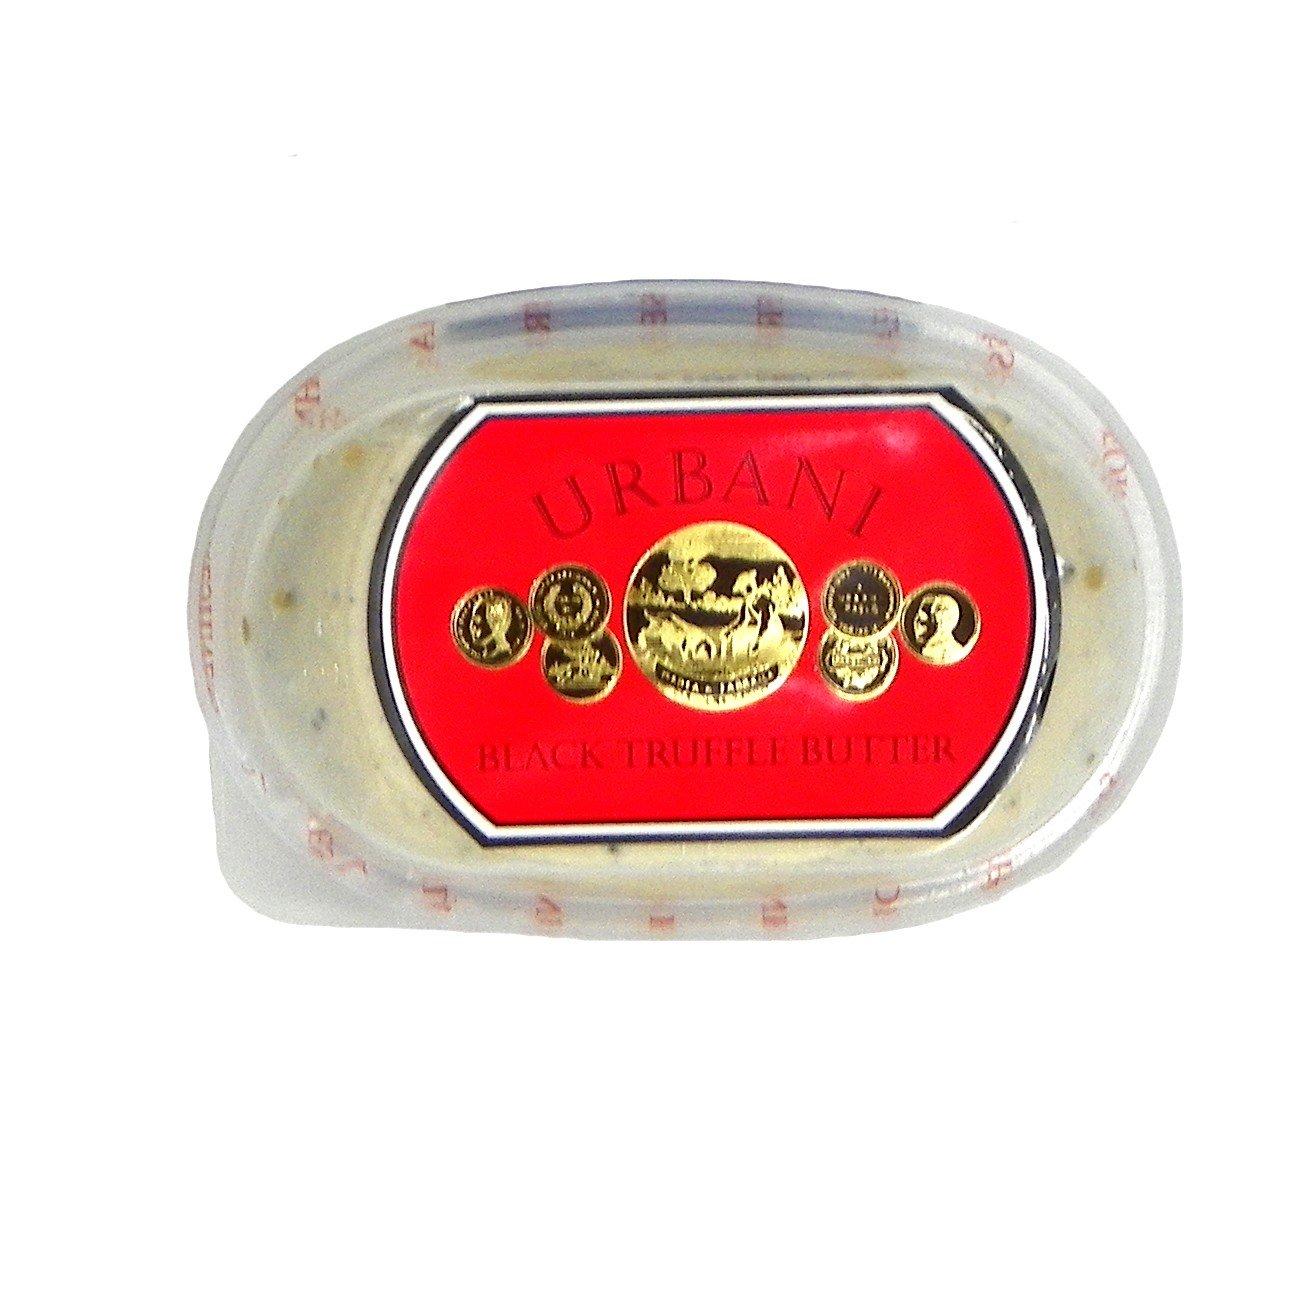 Urbani Black Truffle Butter - 8 oz (Pack of 2)